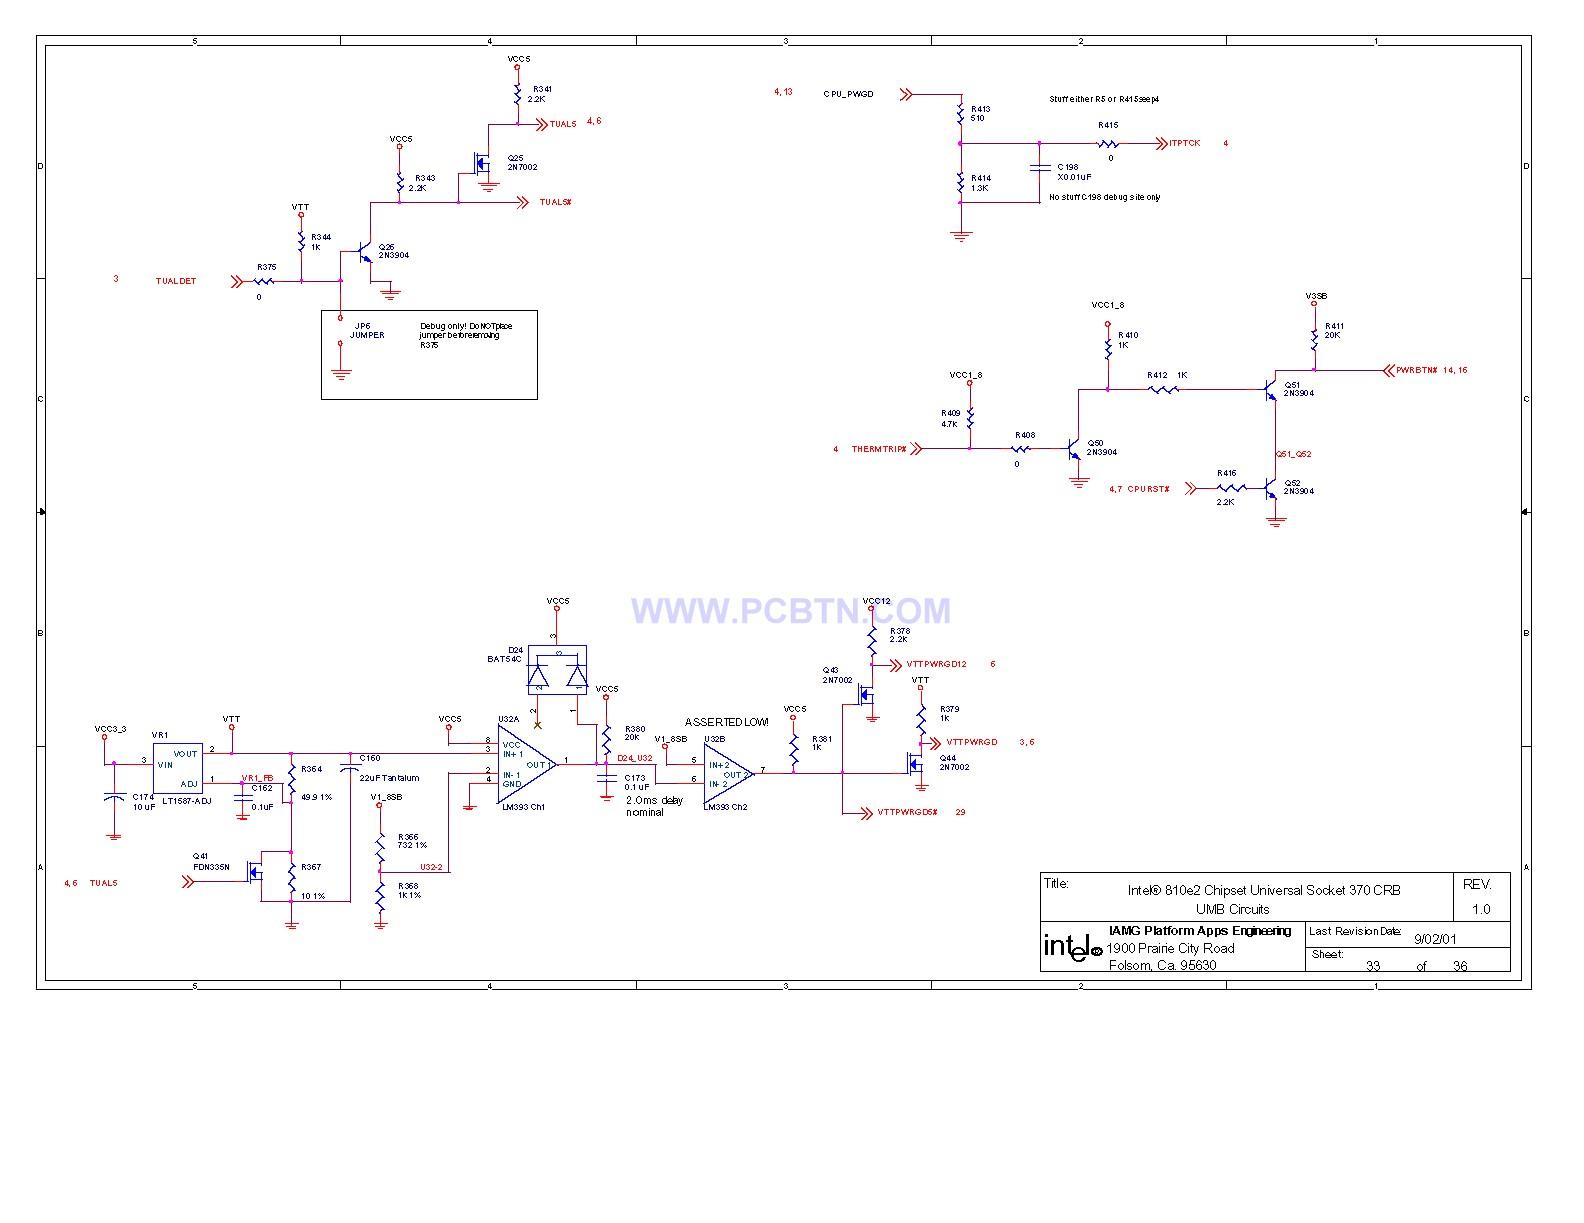 810电脑主板电路图设计[_]33